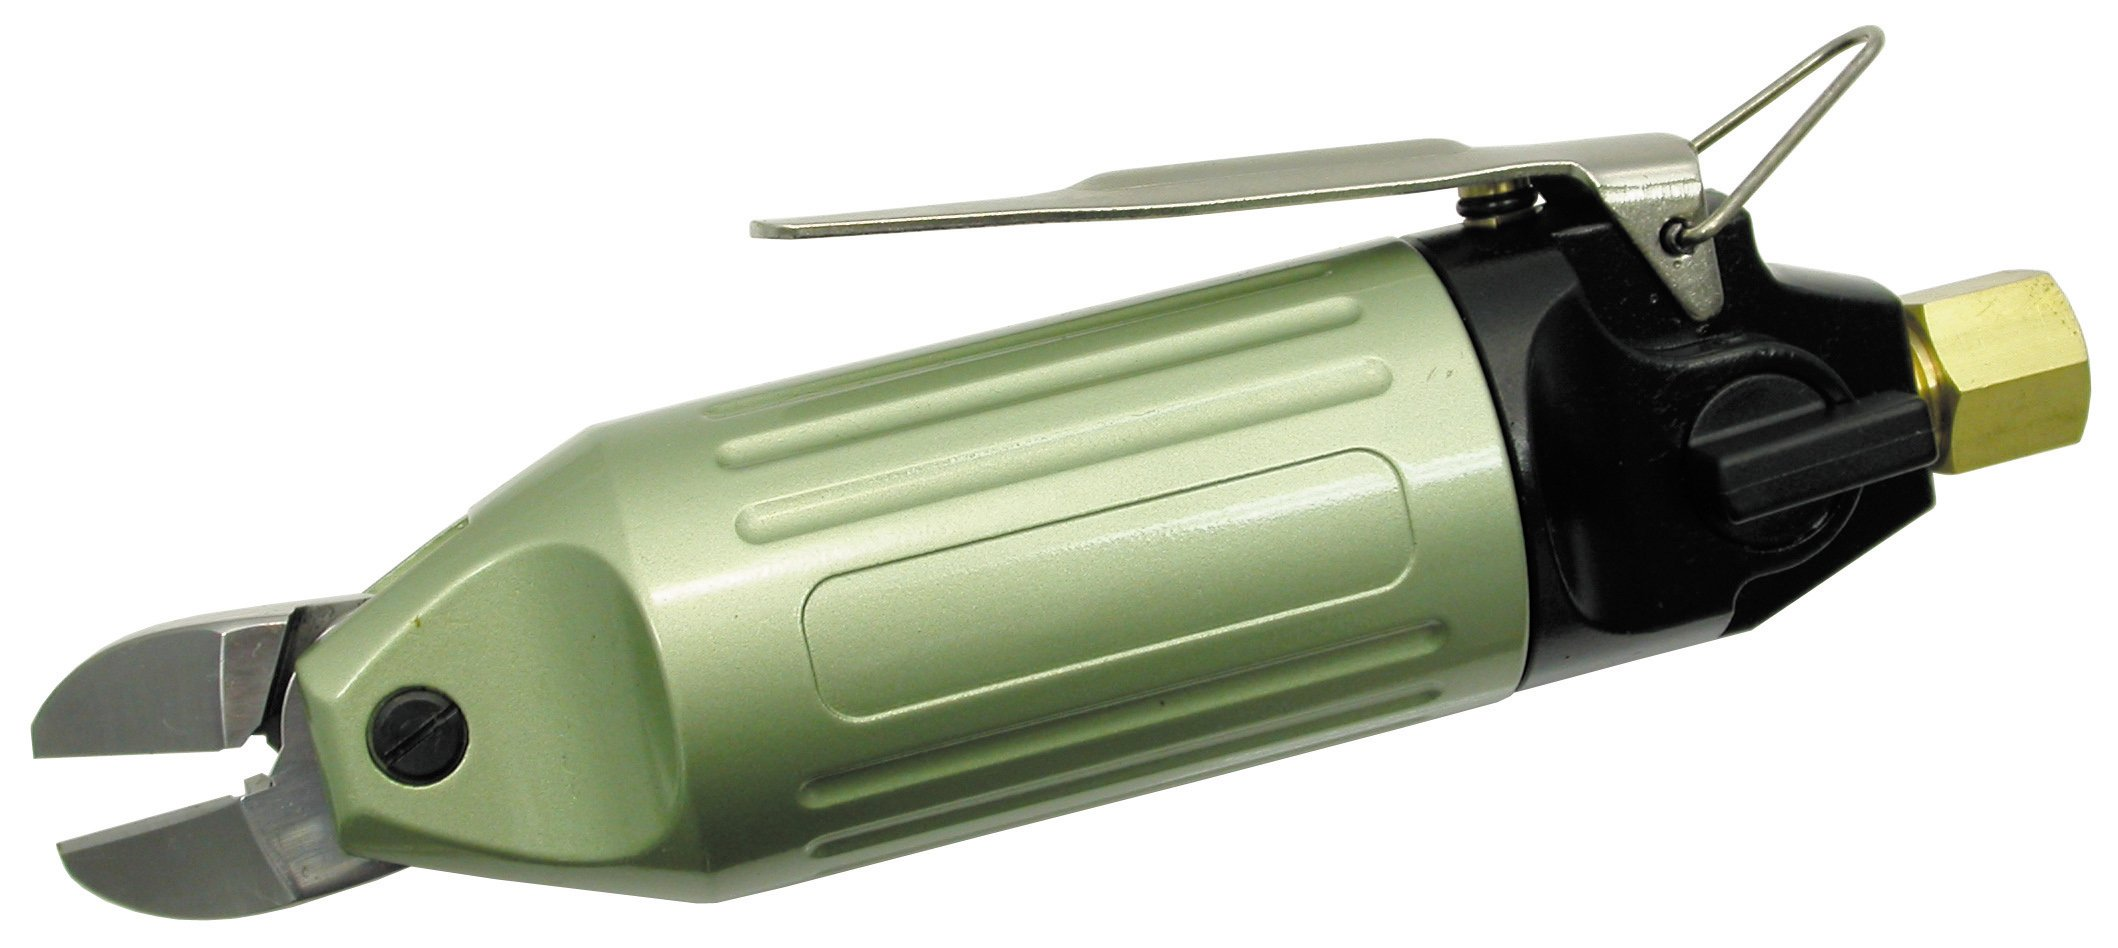 Sumake ST-66711 Industrial Air Nipper W/ Blade (B-S40)